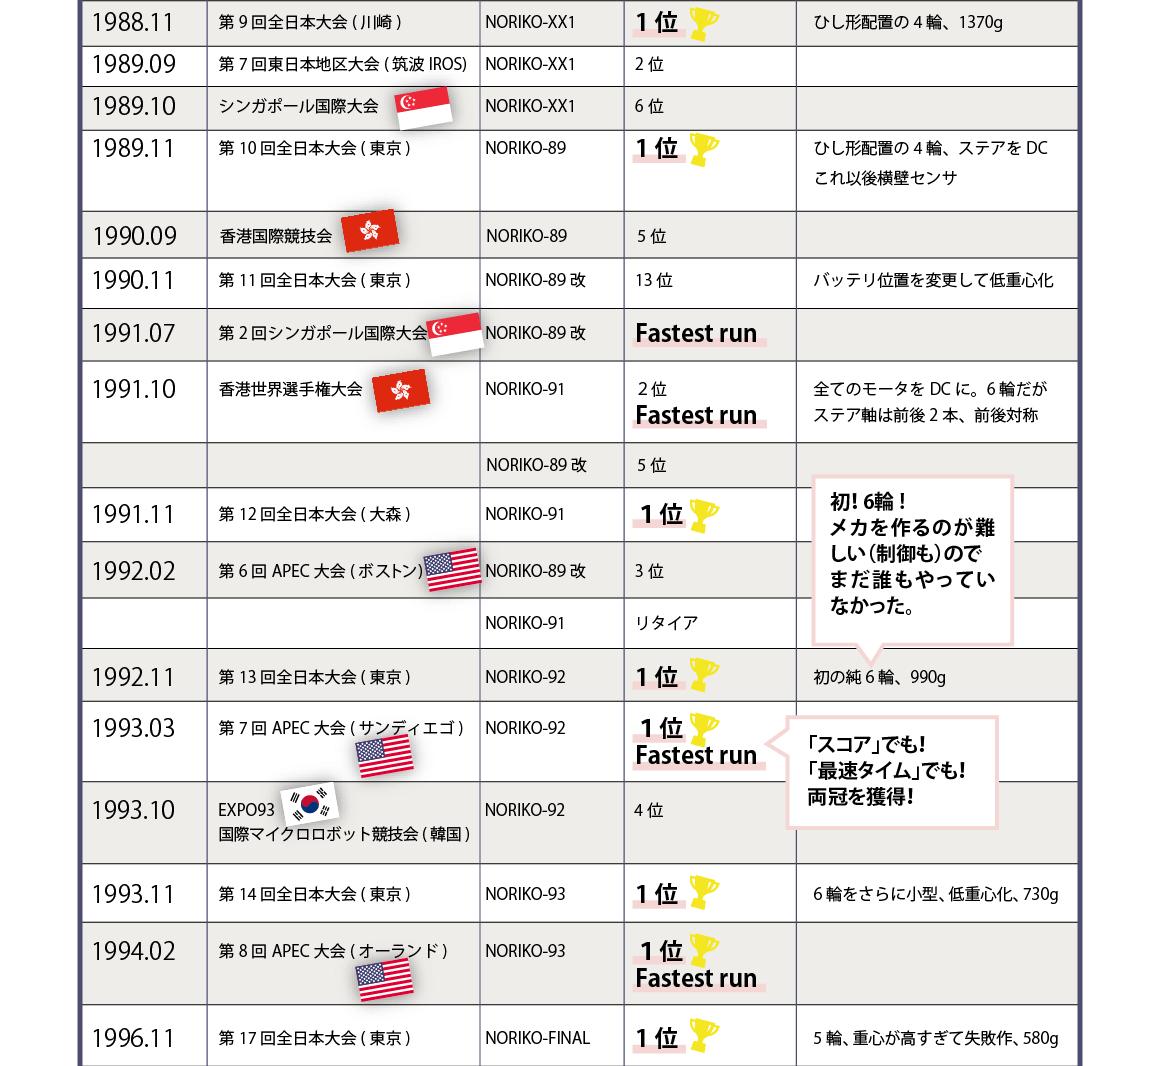 井谷のマイクロマウス成績表【2】1988年第9回全日本大会(川崎)~1996年第17回全日本大会(東京)まで